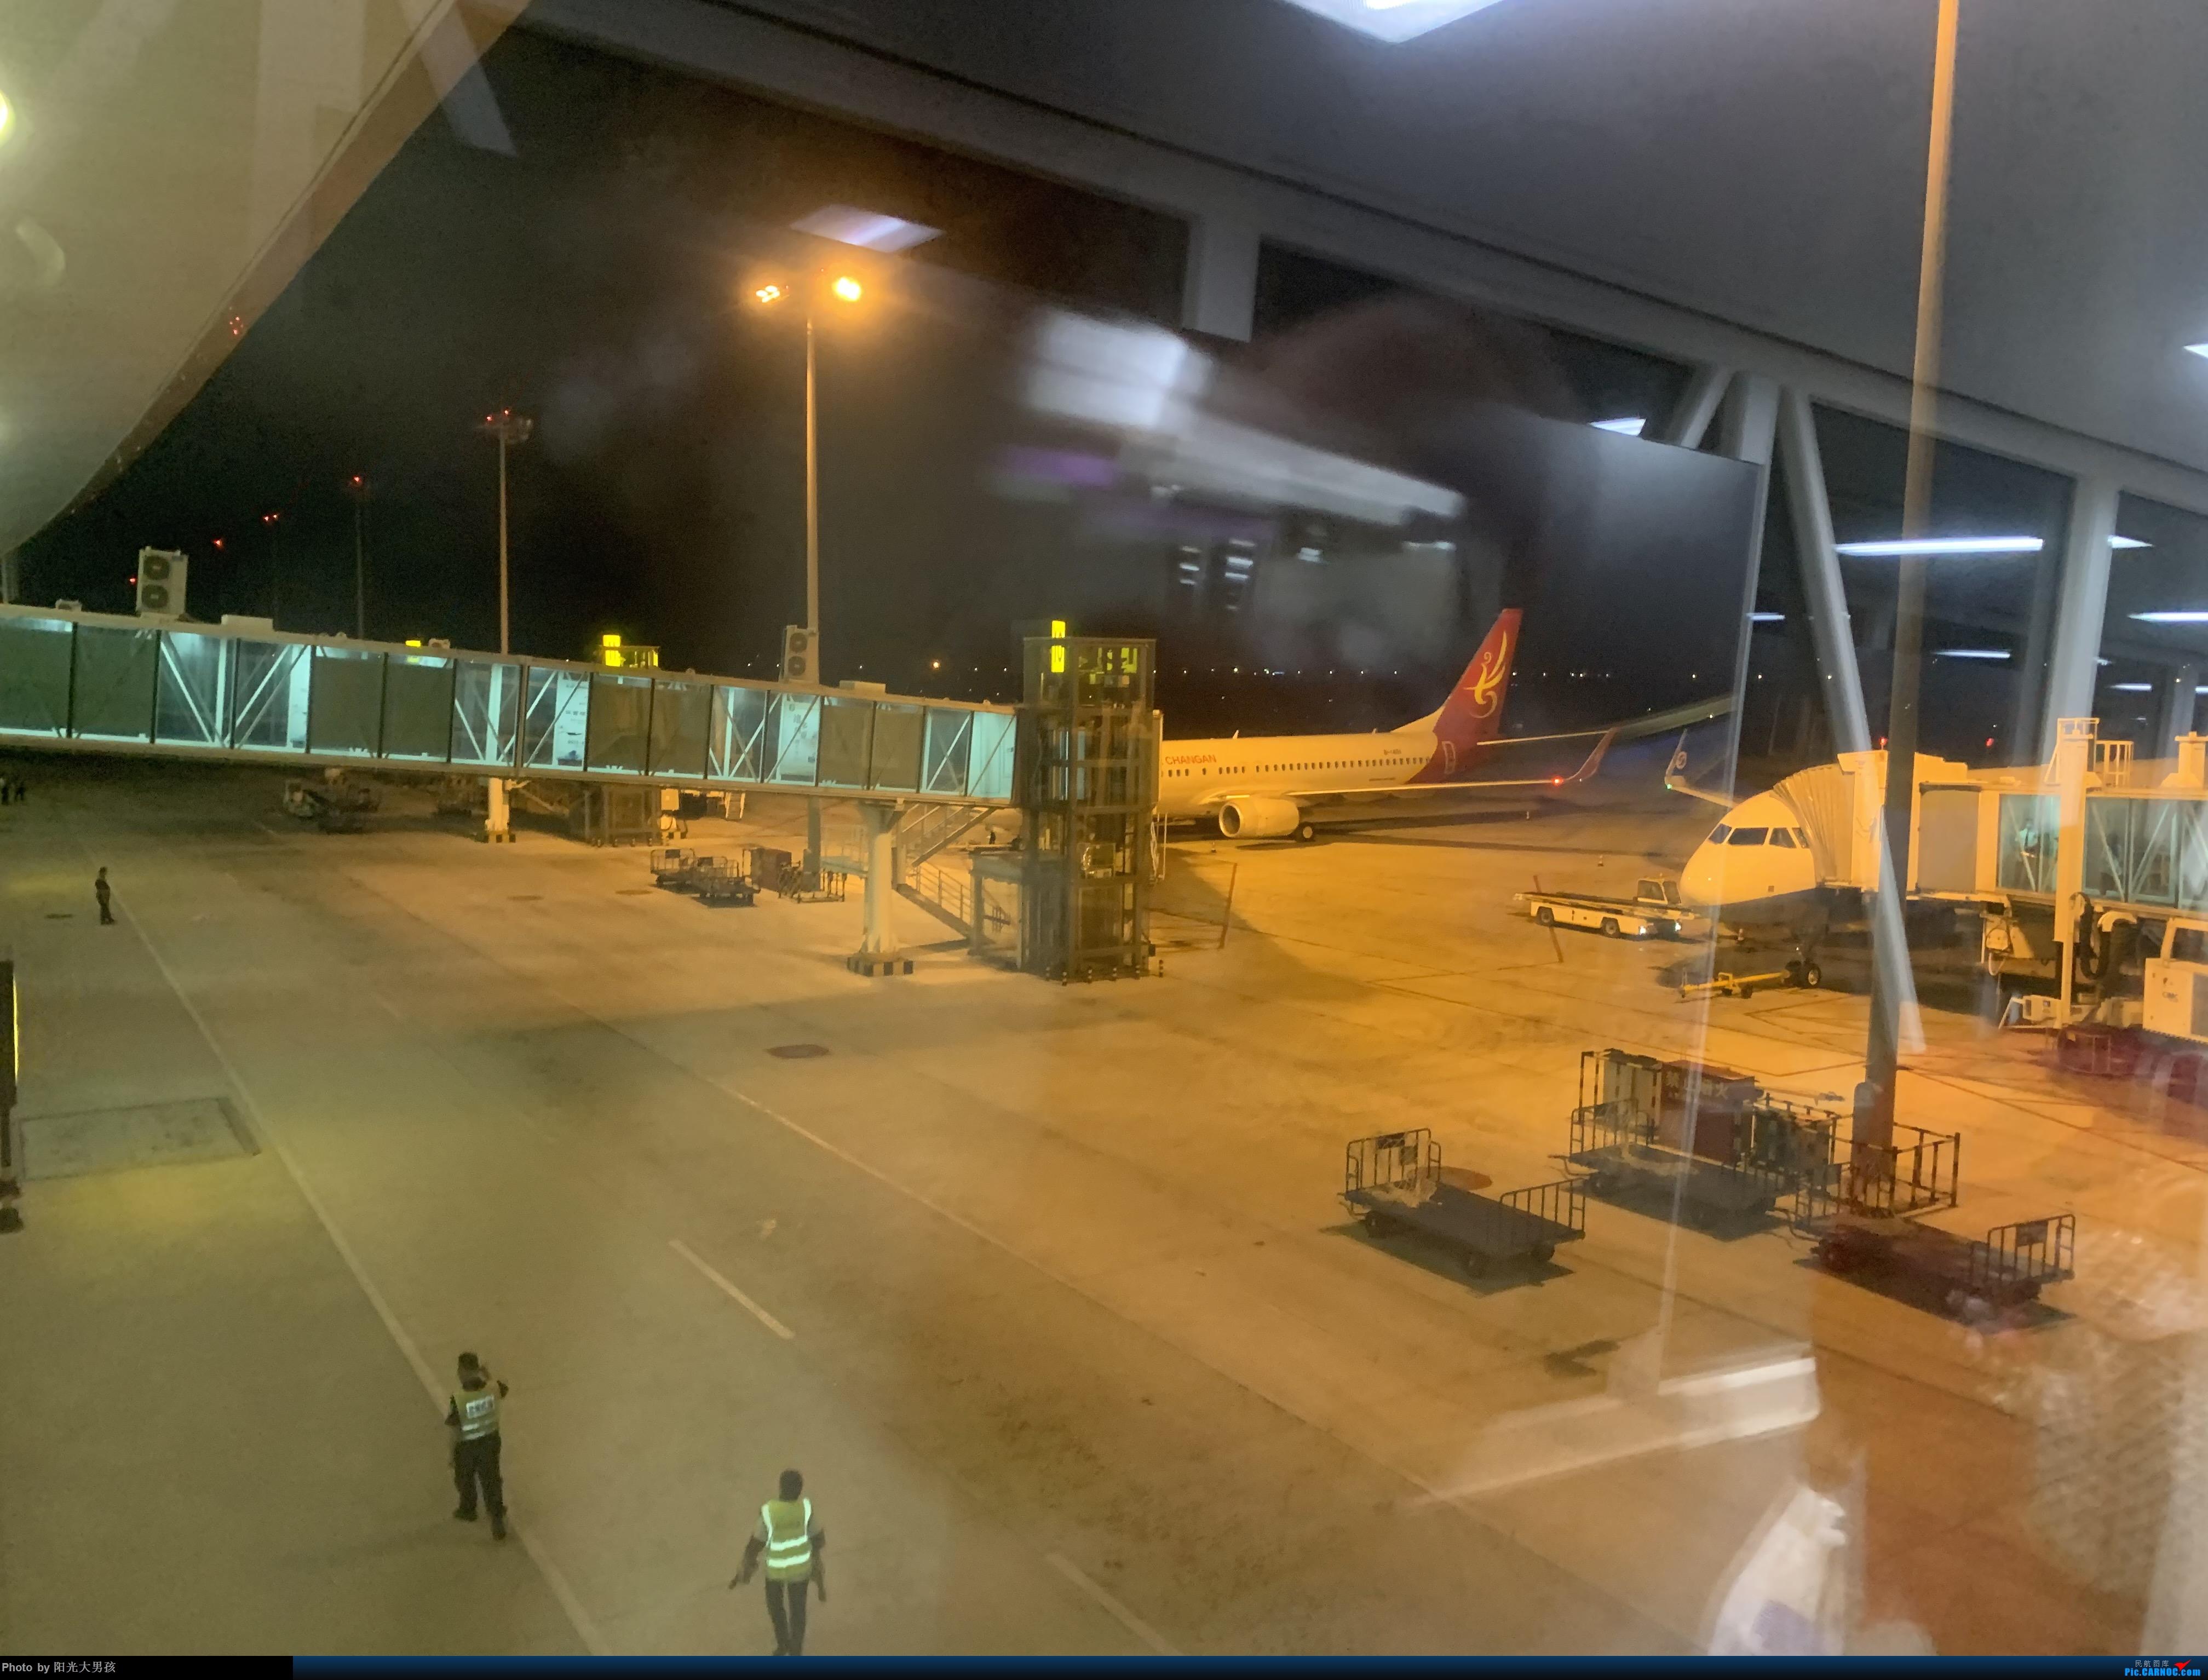 Re:[原创]追忆之旅,重回重庆(3),由于之前网络原因不好意思没有发上请大家见谅 AIRBUS A320NEO B-307S 机上(57A)